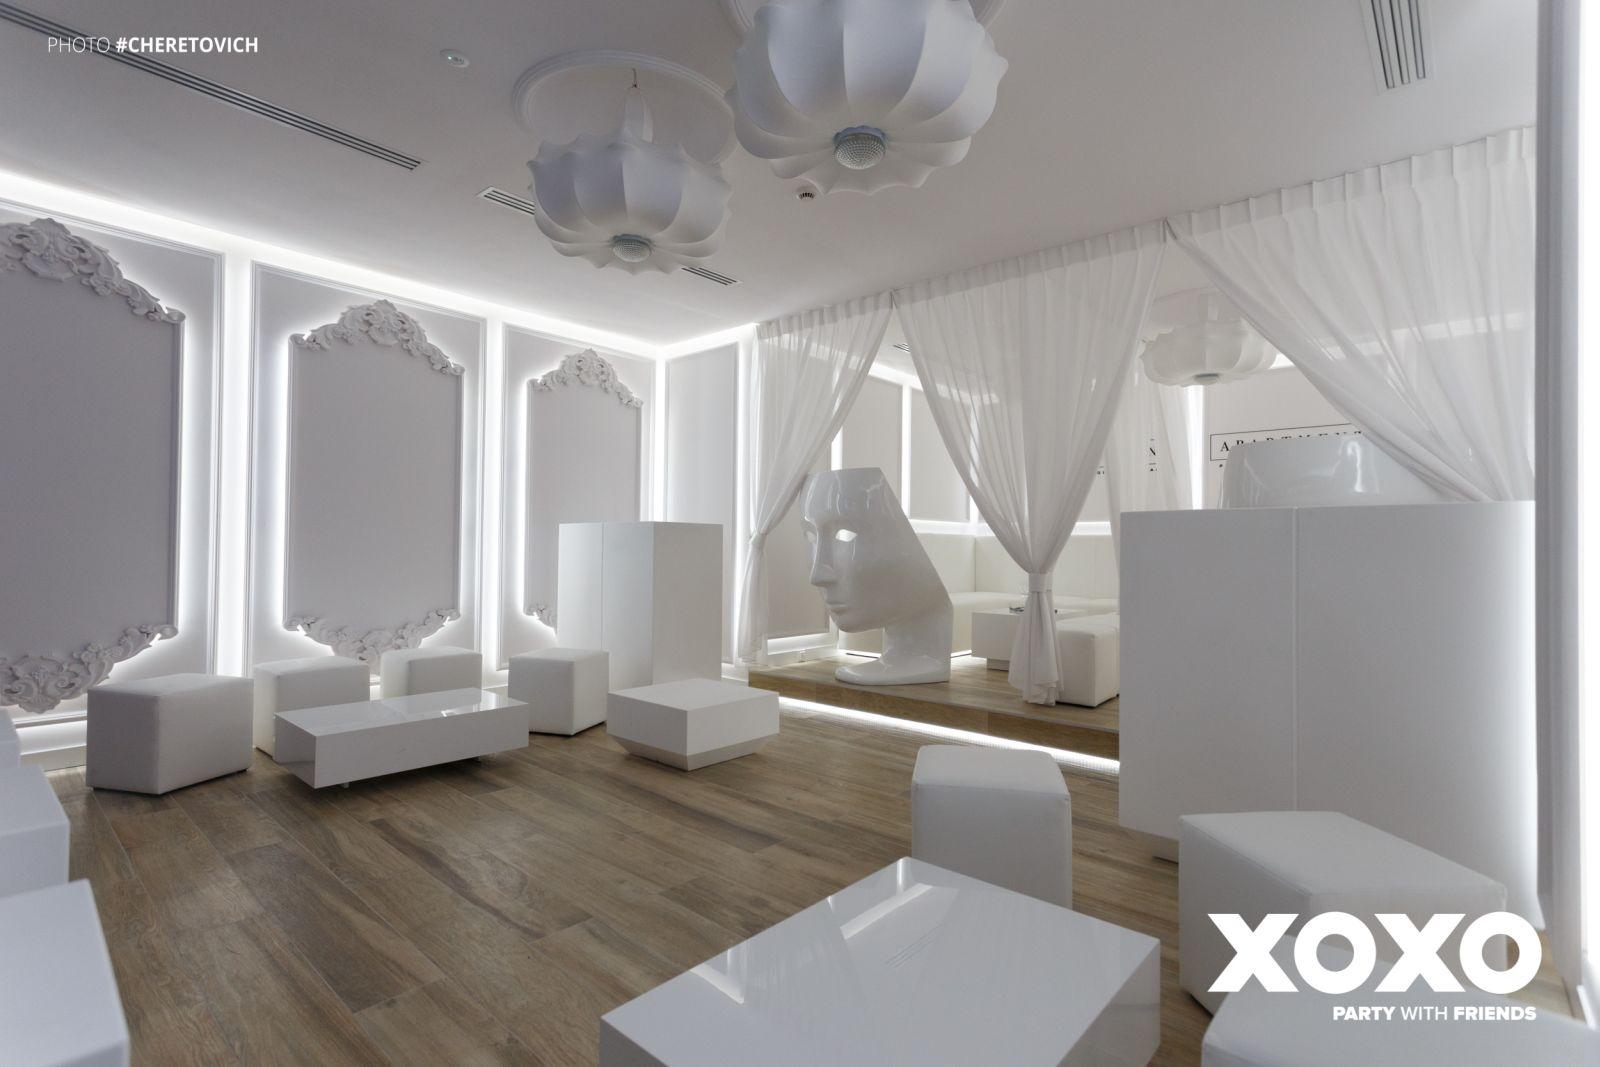 Rozmarzyć się w warszawskim Prive Room XOXO